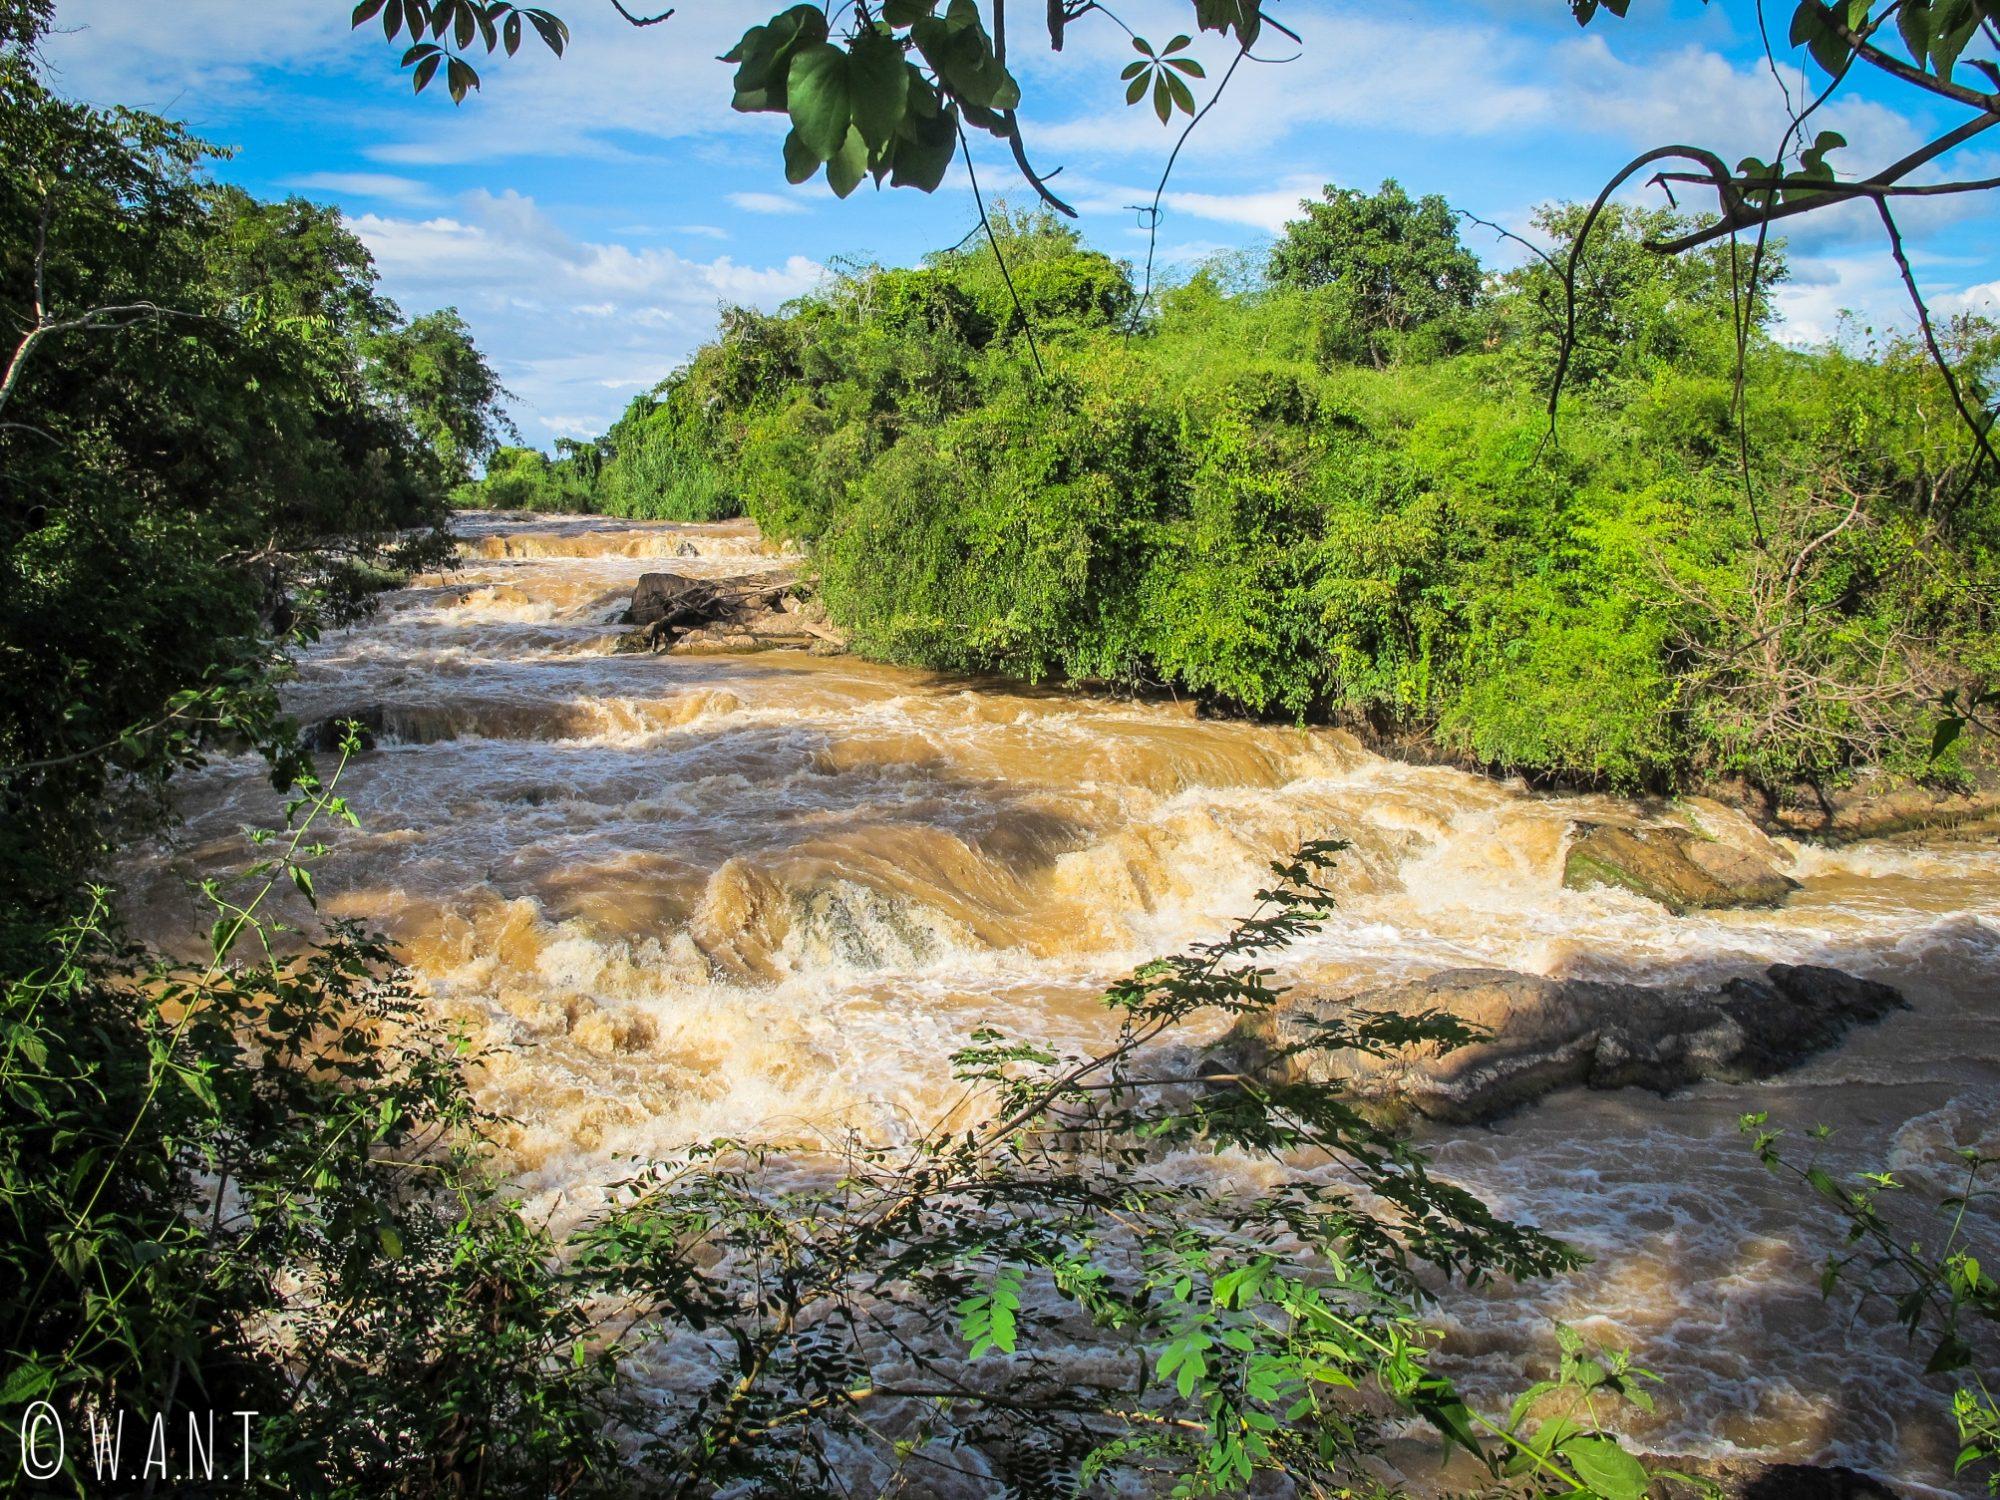 Cascades de l'île de Don Khon après le pont suspendu